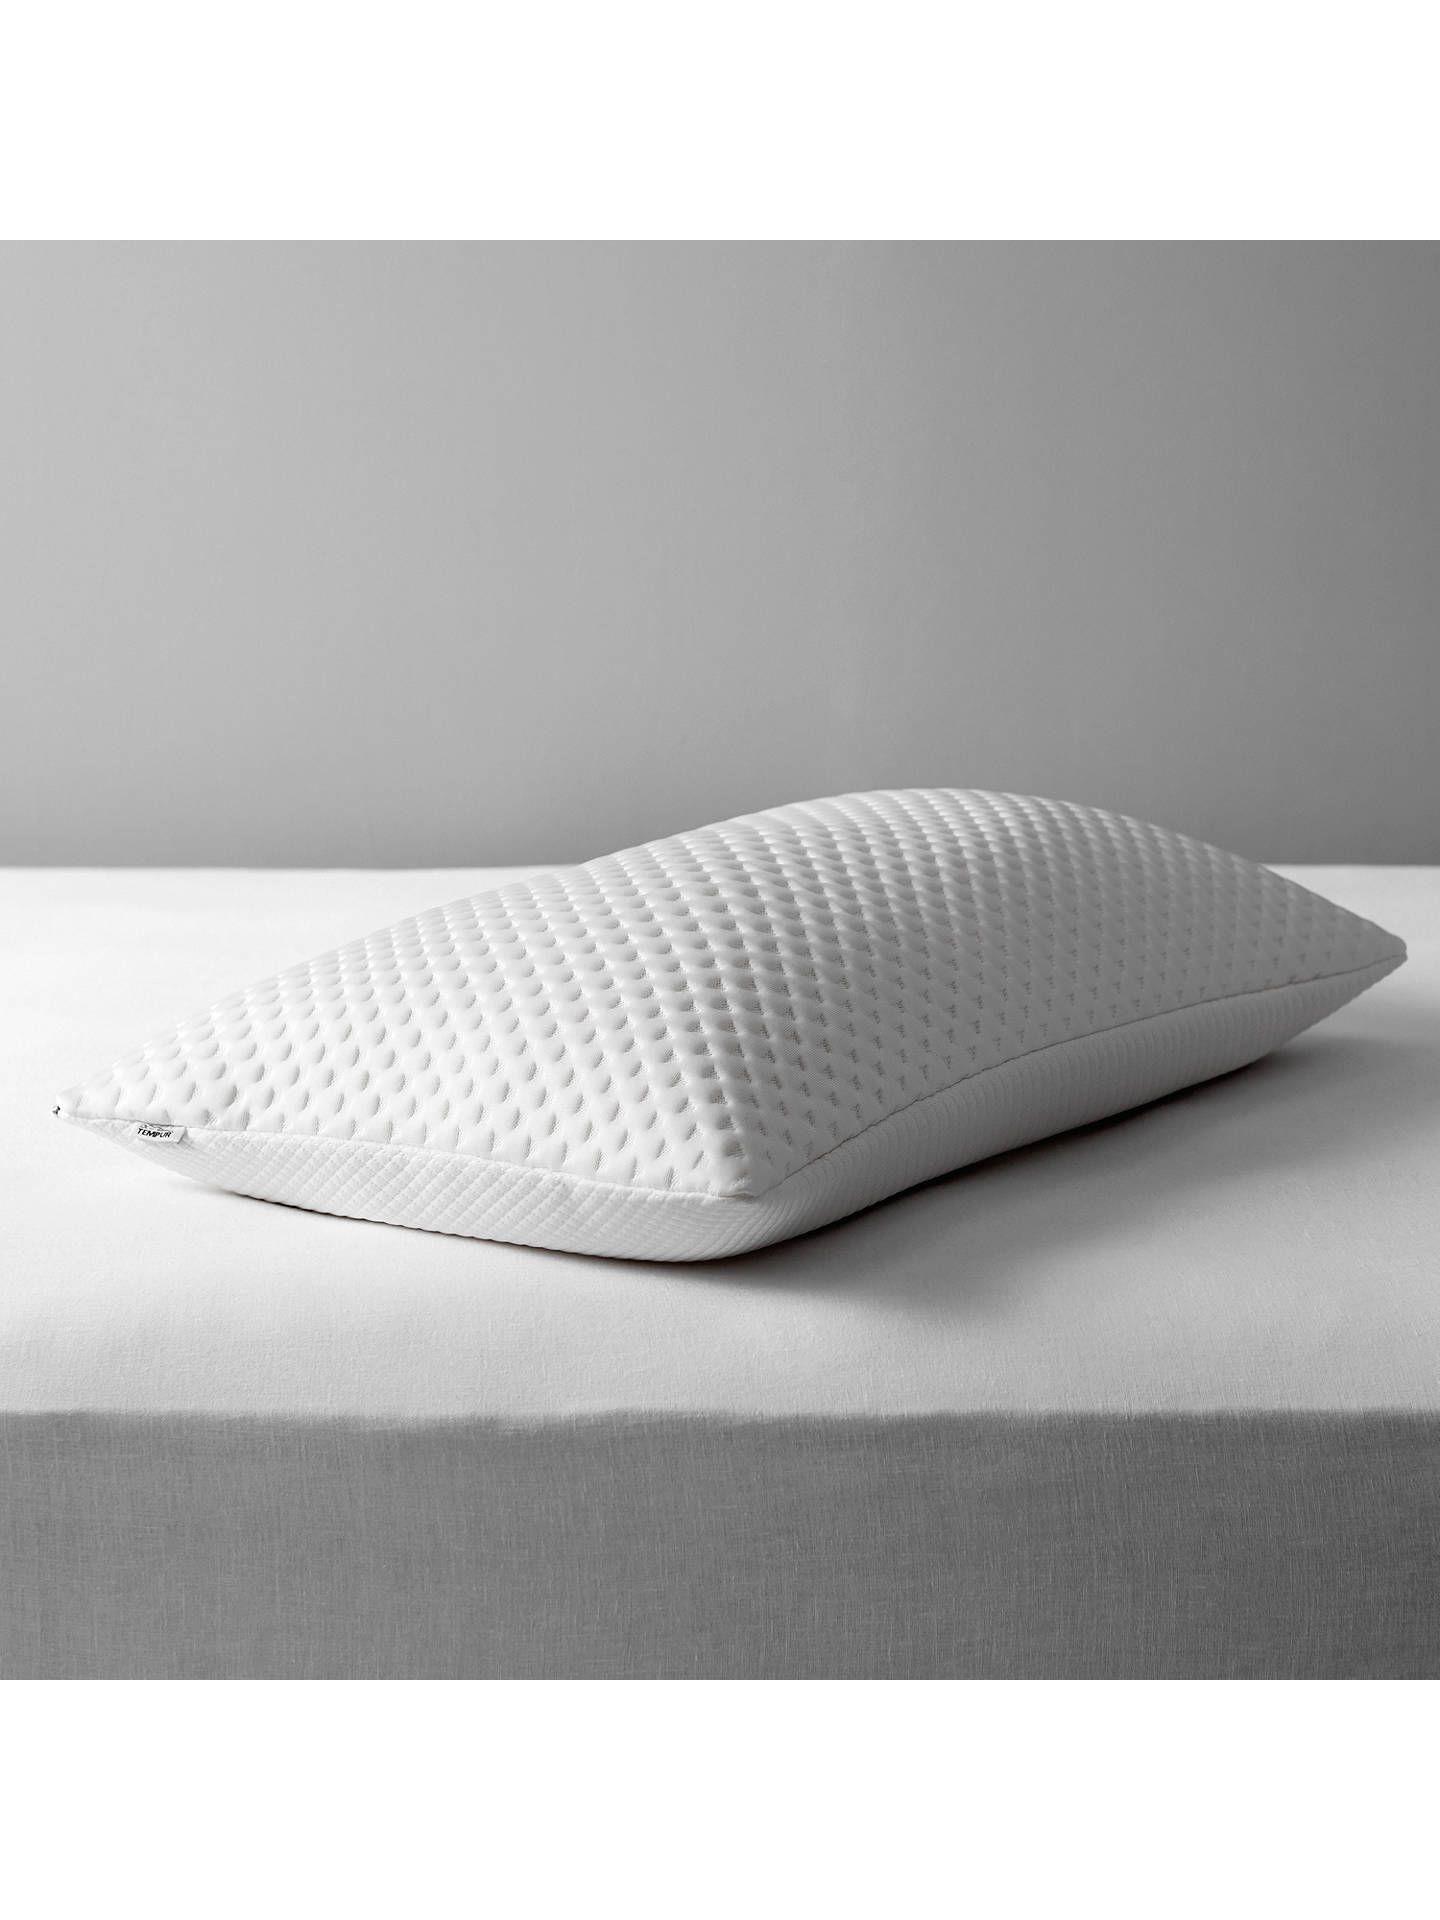 Tempur Comfort Support Standard Pillow Pillows Traditional